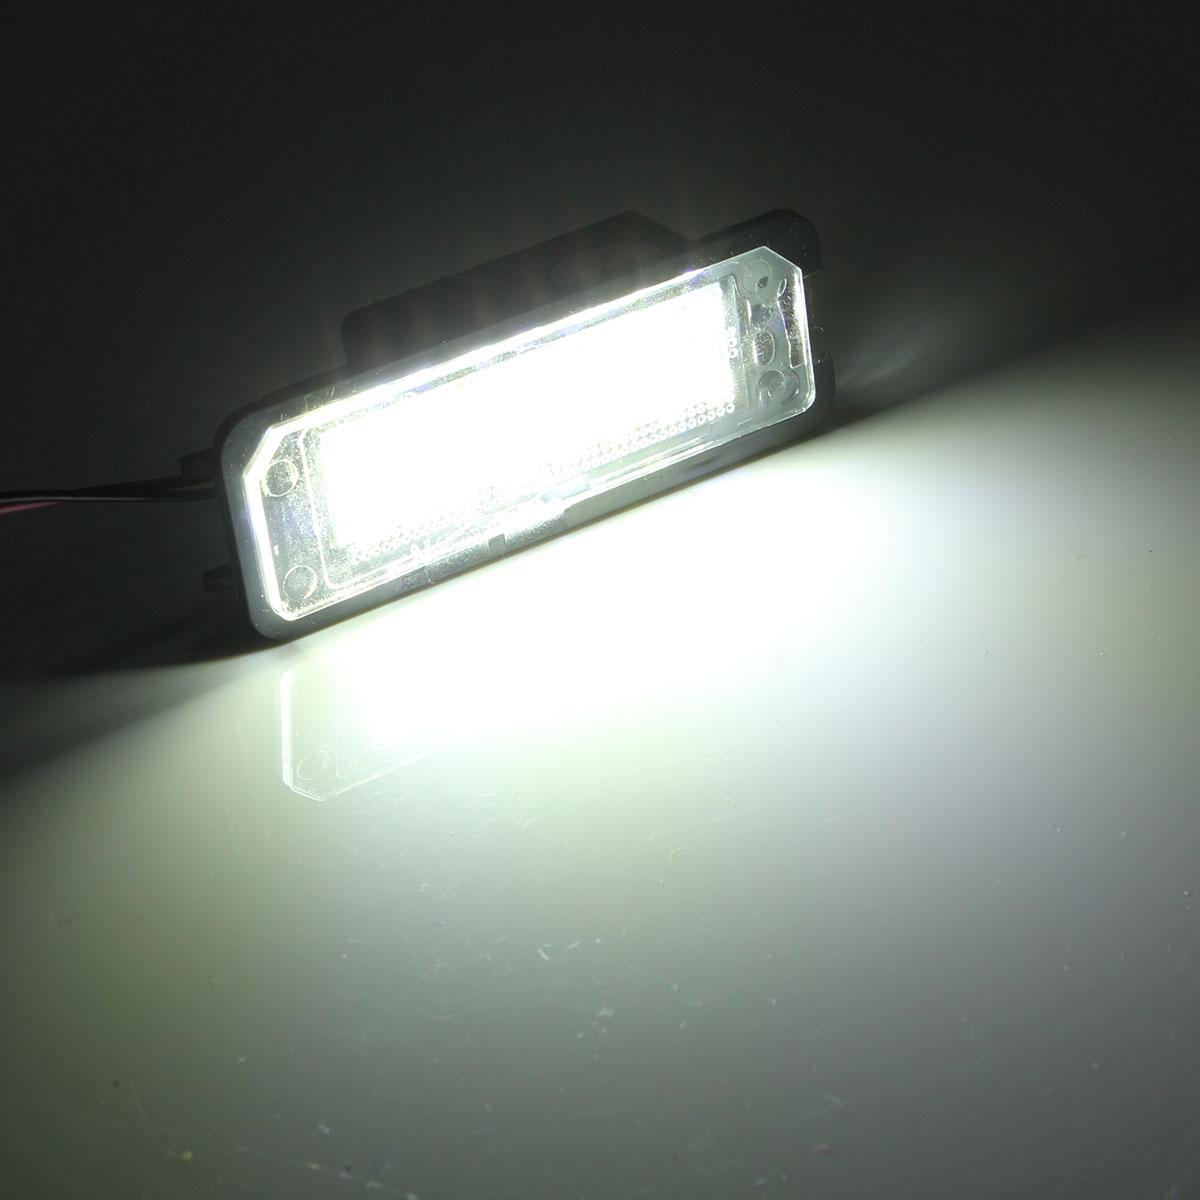 2 ШТ. 24 светодиода Номер лицензии Пластина Фары белого цвета для VW Passat Golf MK5 MK6 POLO - фото 7